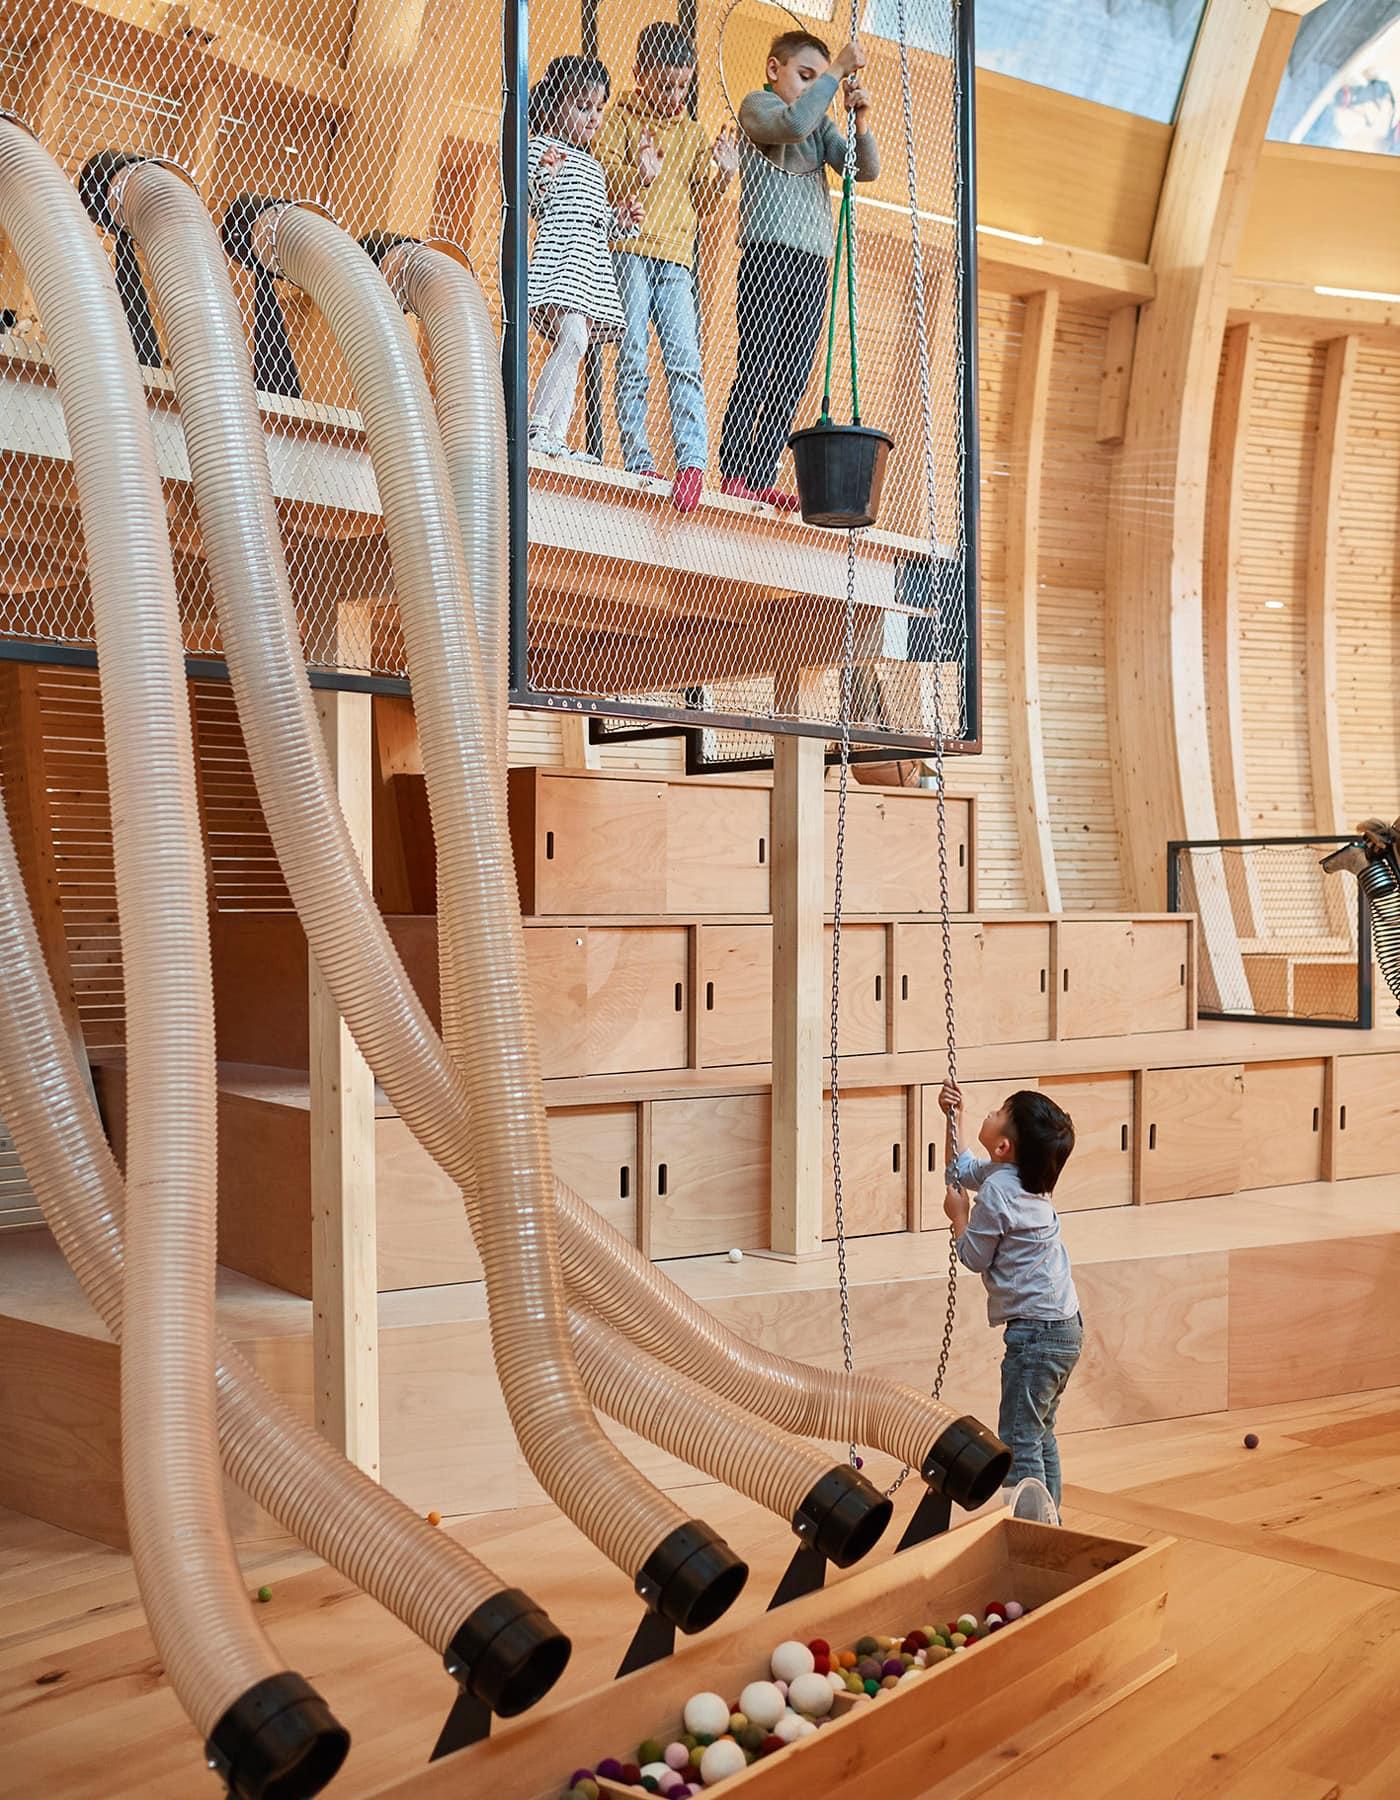 Spielstationen für Kinder im ANOHA – Kinderwelt des Jüdischen Museums Berlin // HIMBEER